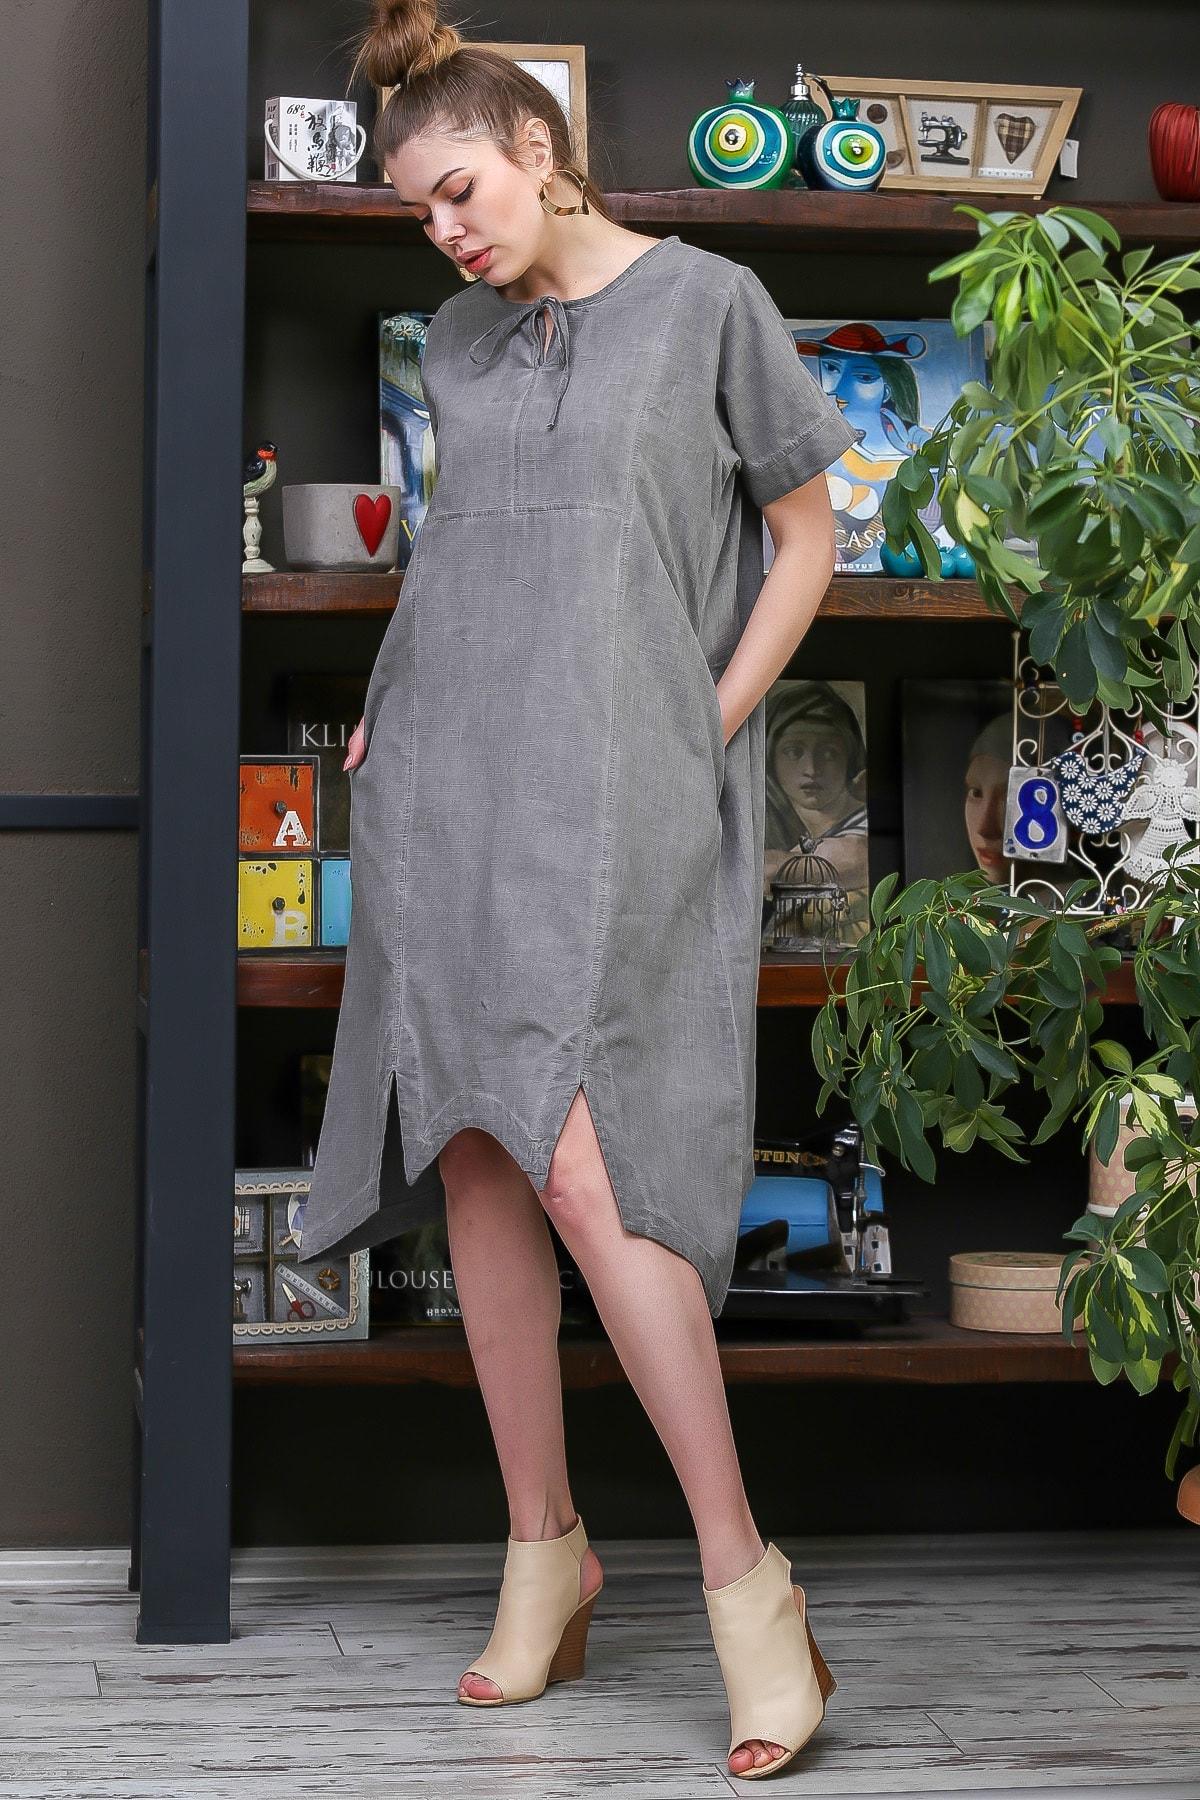 Chiccy Kadın Füme Bağlama Detaylı Yarım Kol Midi Asimetrik Kesim Elbise M10160000EL95575